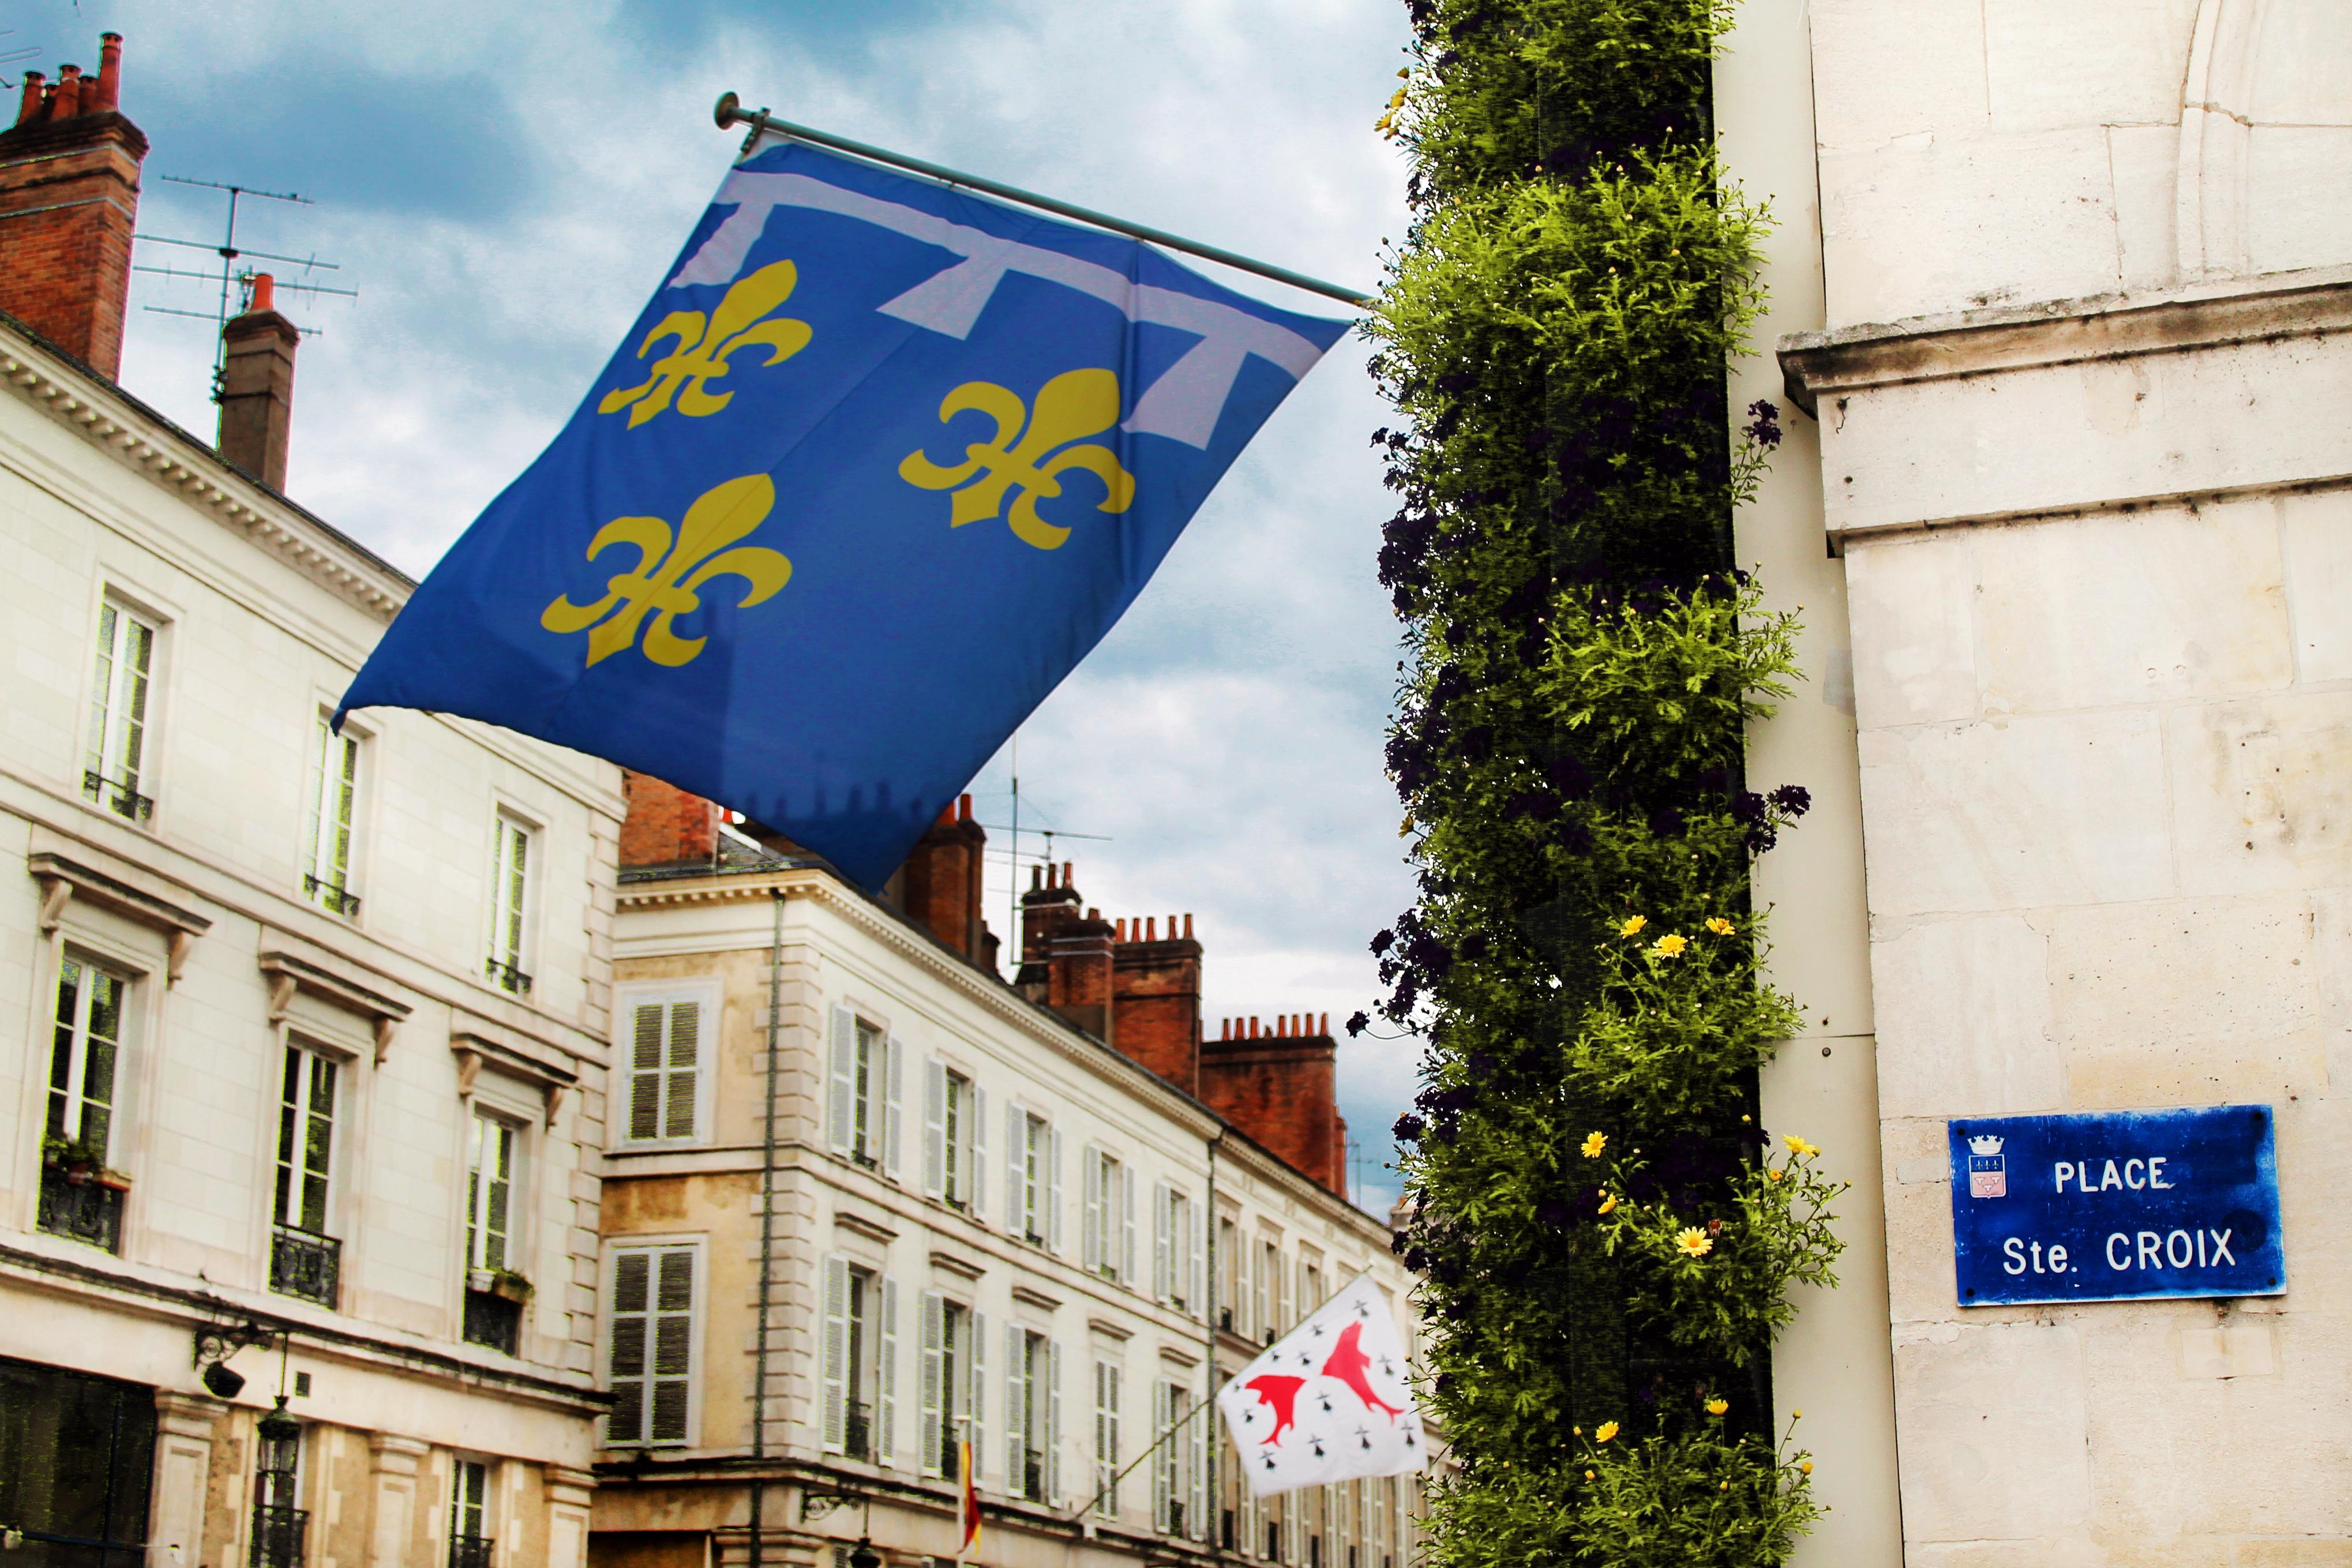 Drawing Dreaming - guia de visita de Orléans, Loire - Place Sainte-Croix